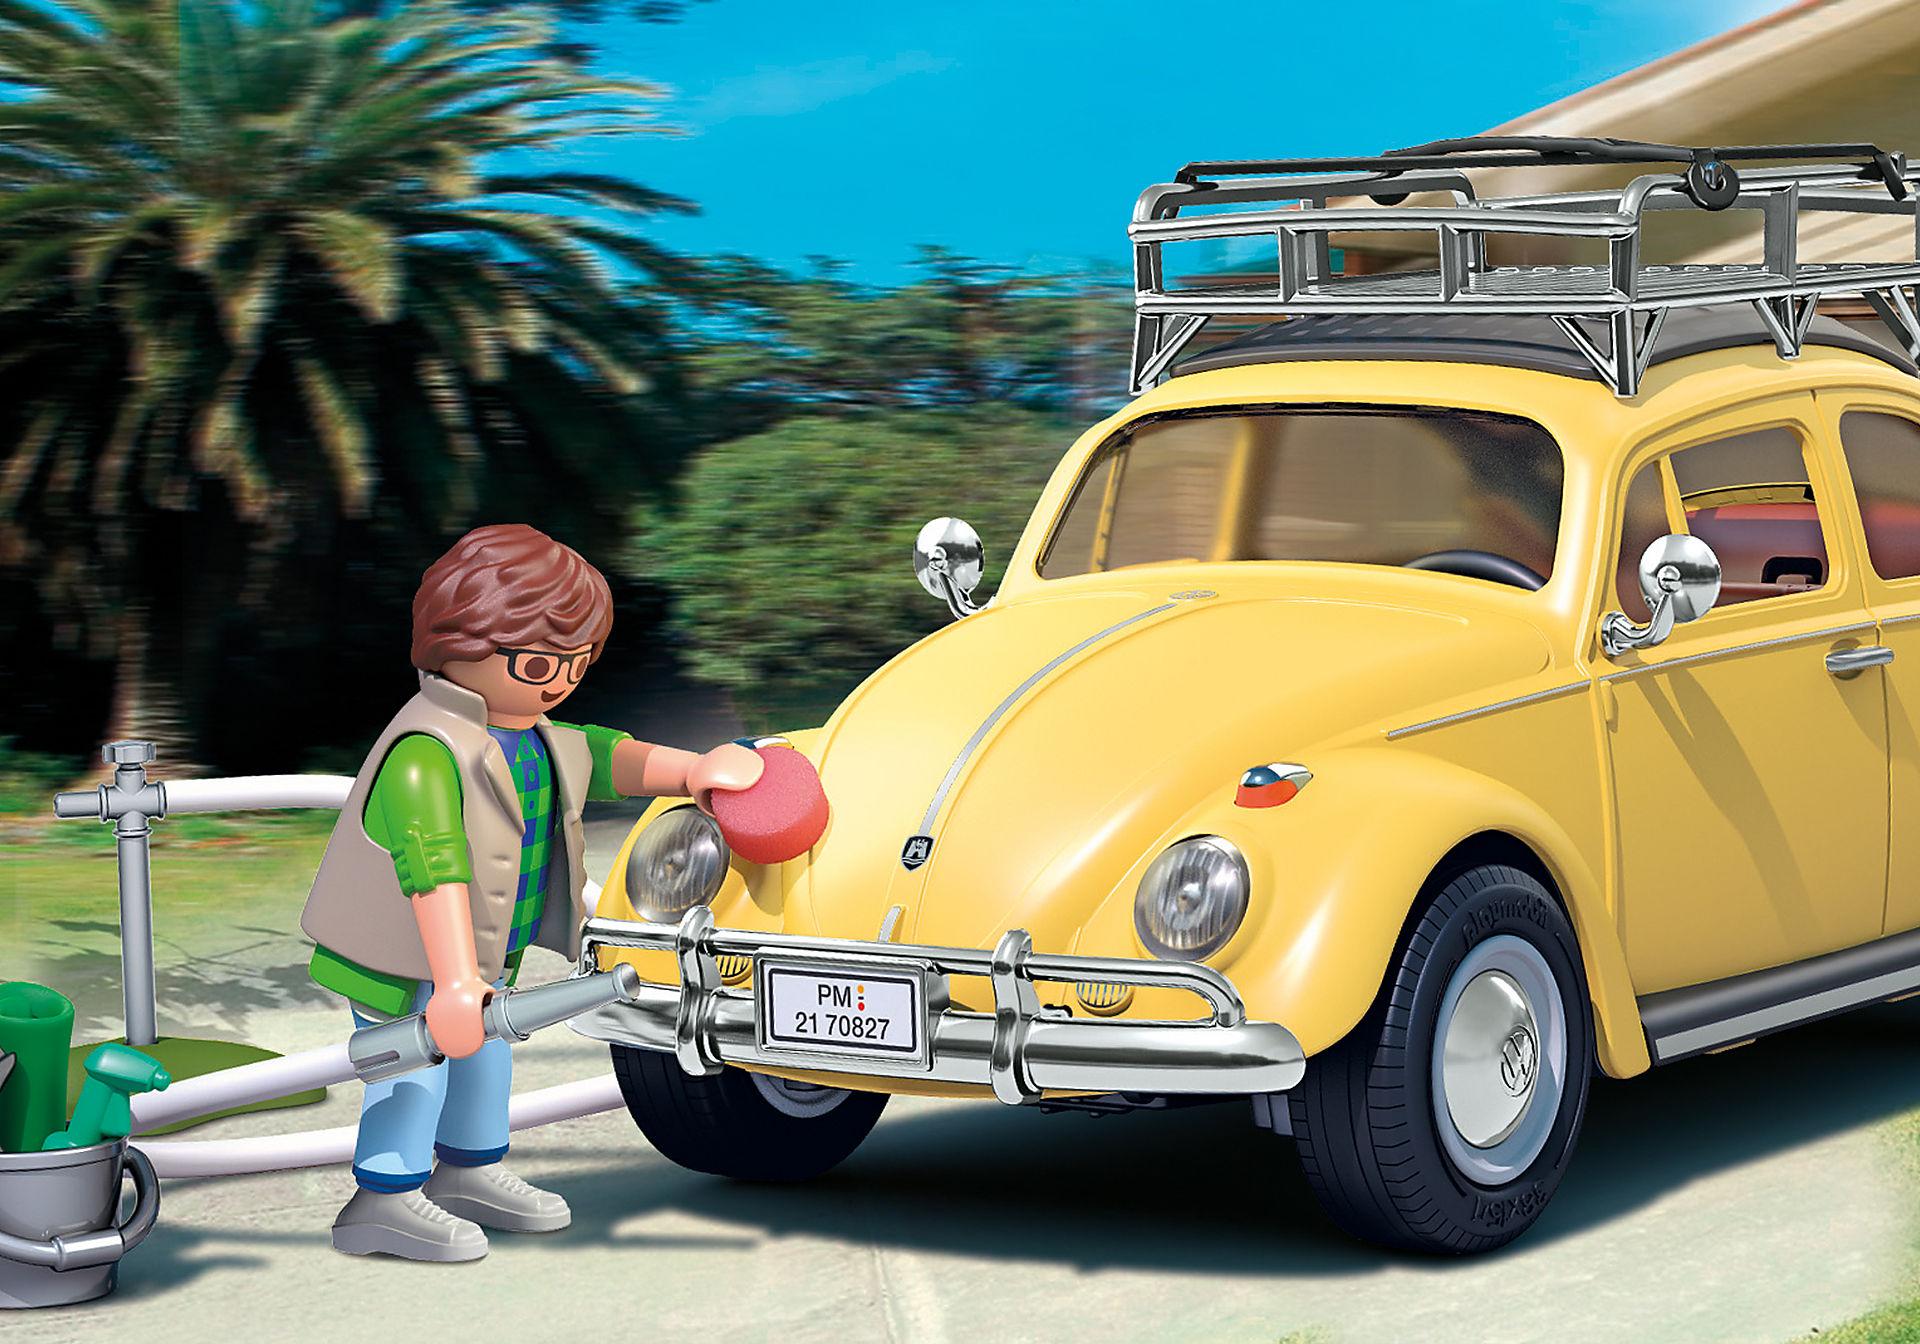 70827 Volkswagen Bubblan - Special Edition zoom image8